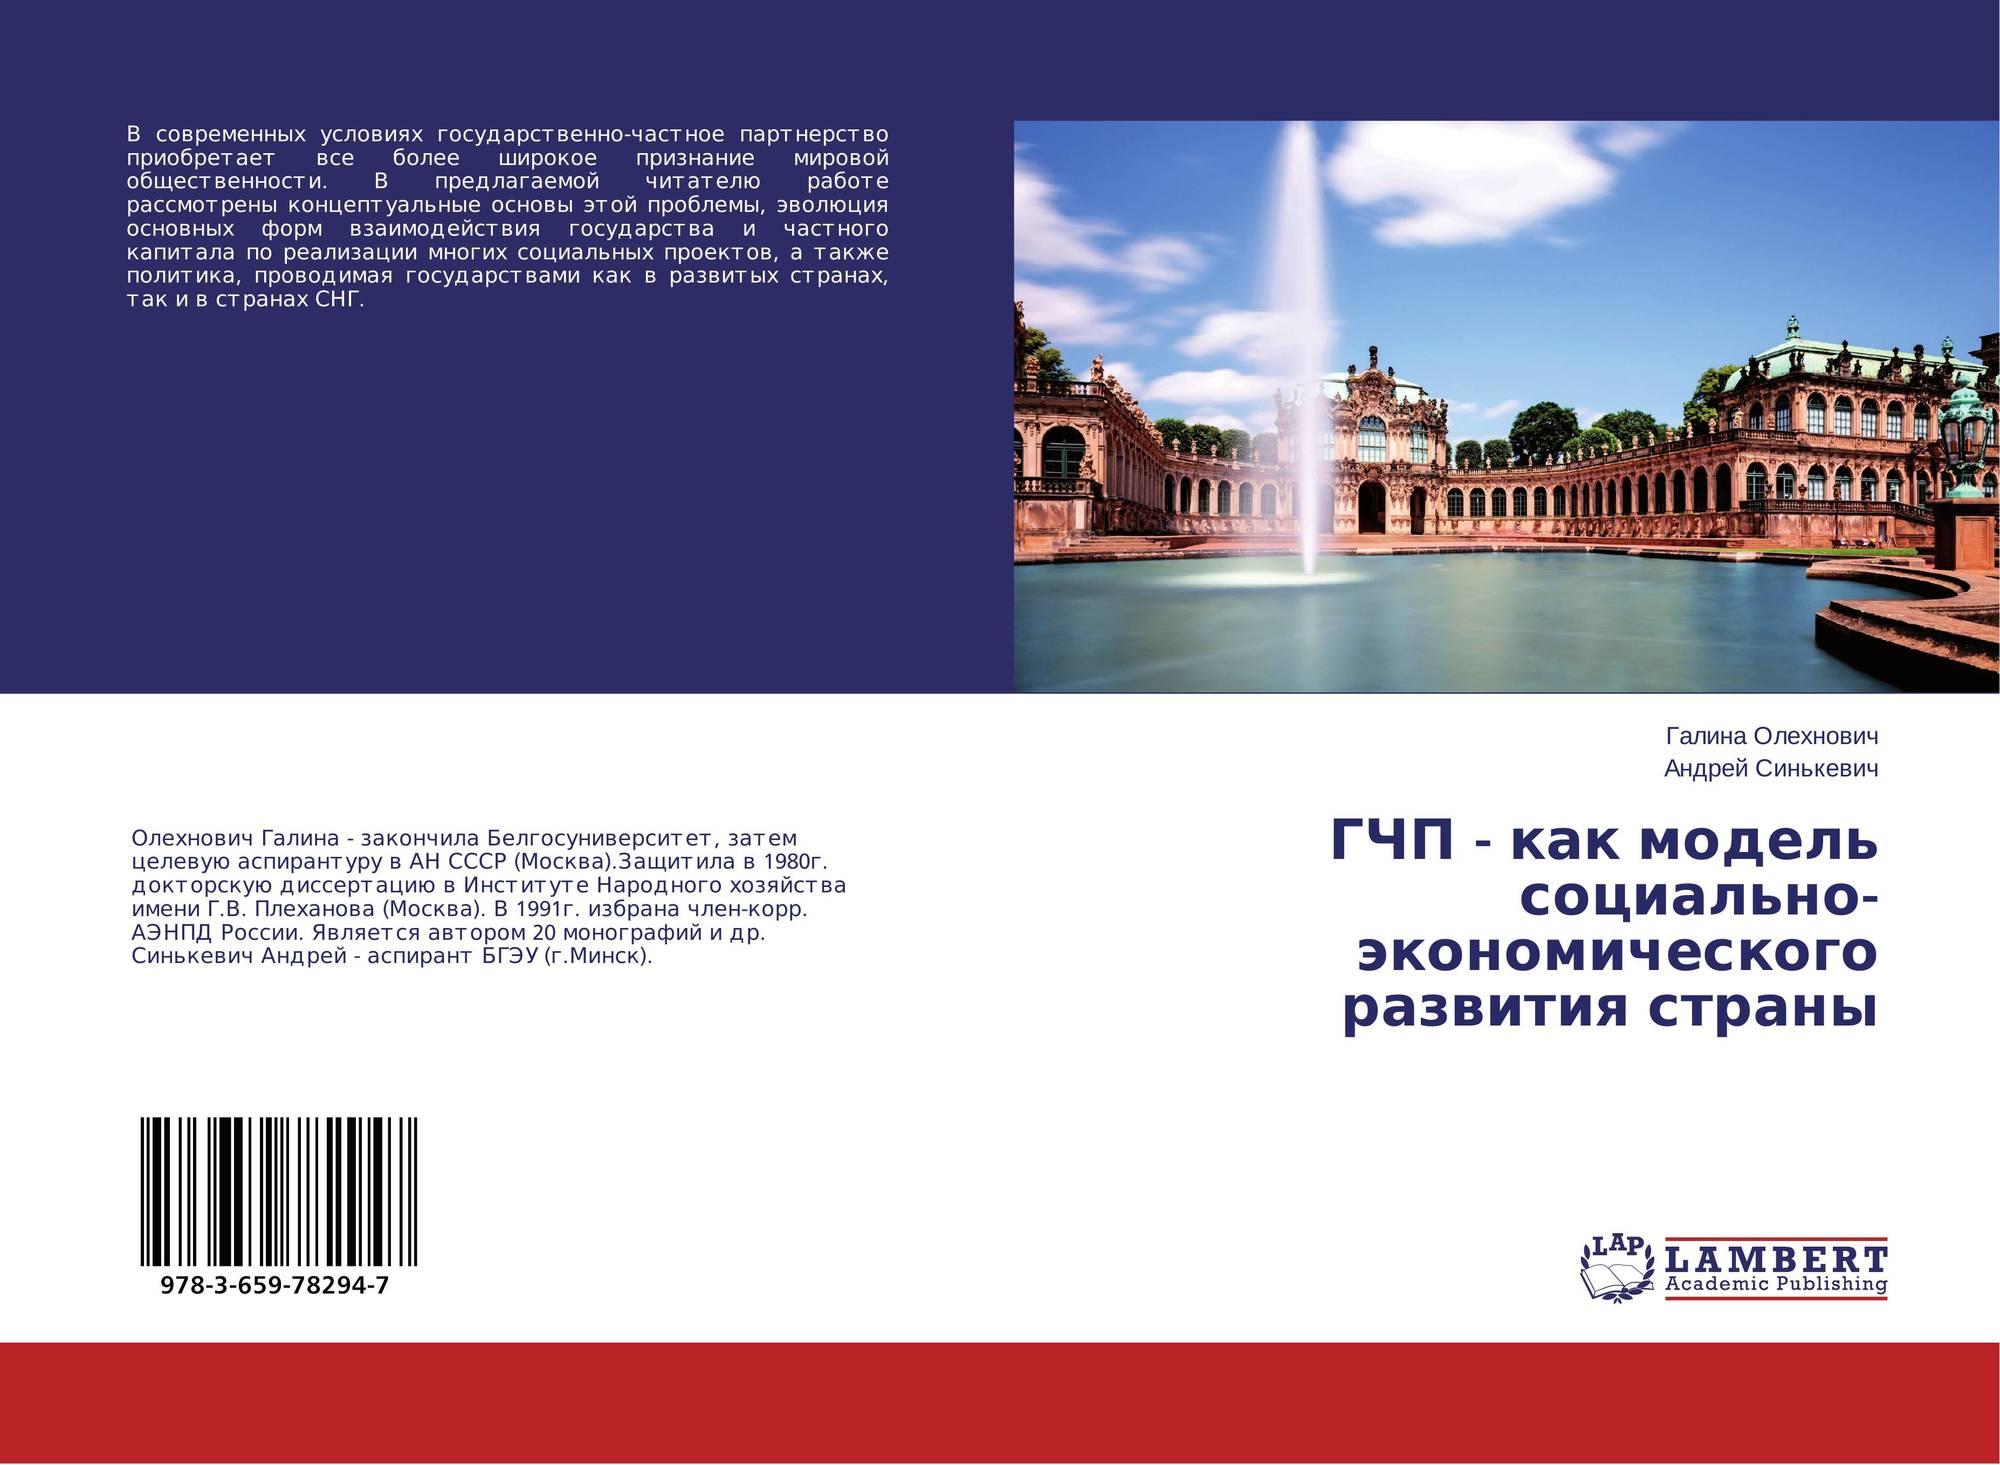 Практикум по инвестициям для российских граждан